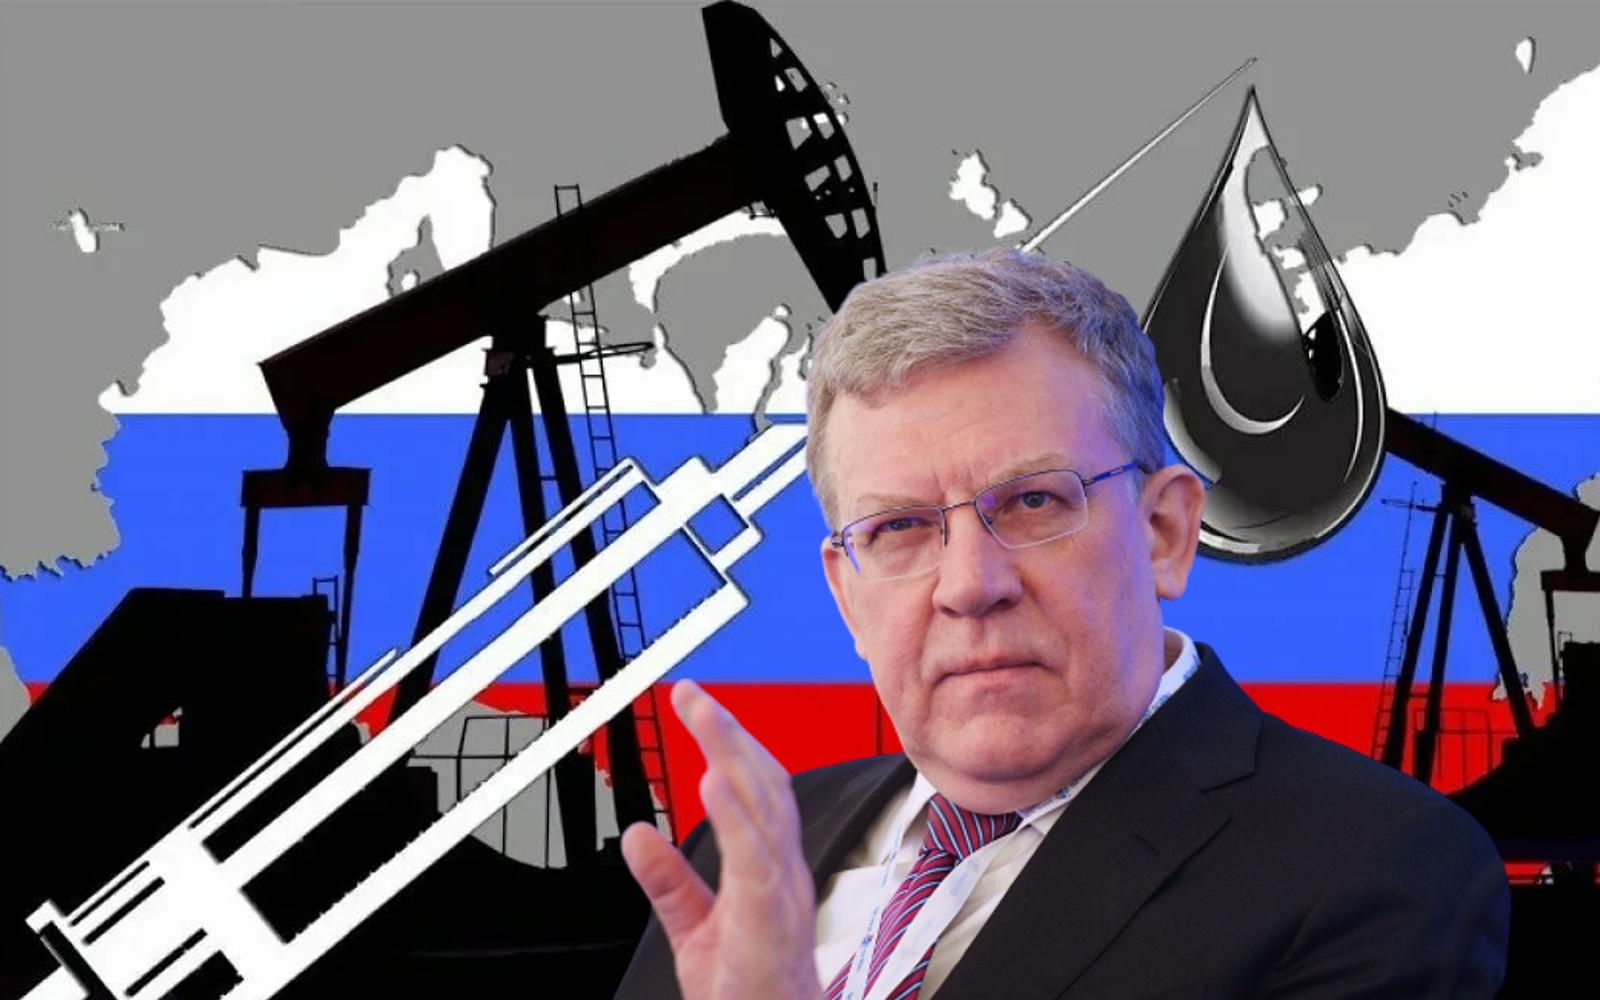 Кого «кошмарит» Кудрин, когда говорит об опасности «нефтяной иглы»?